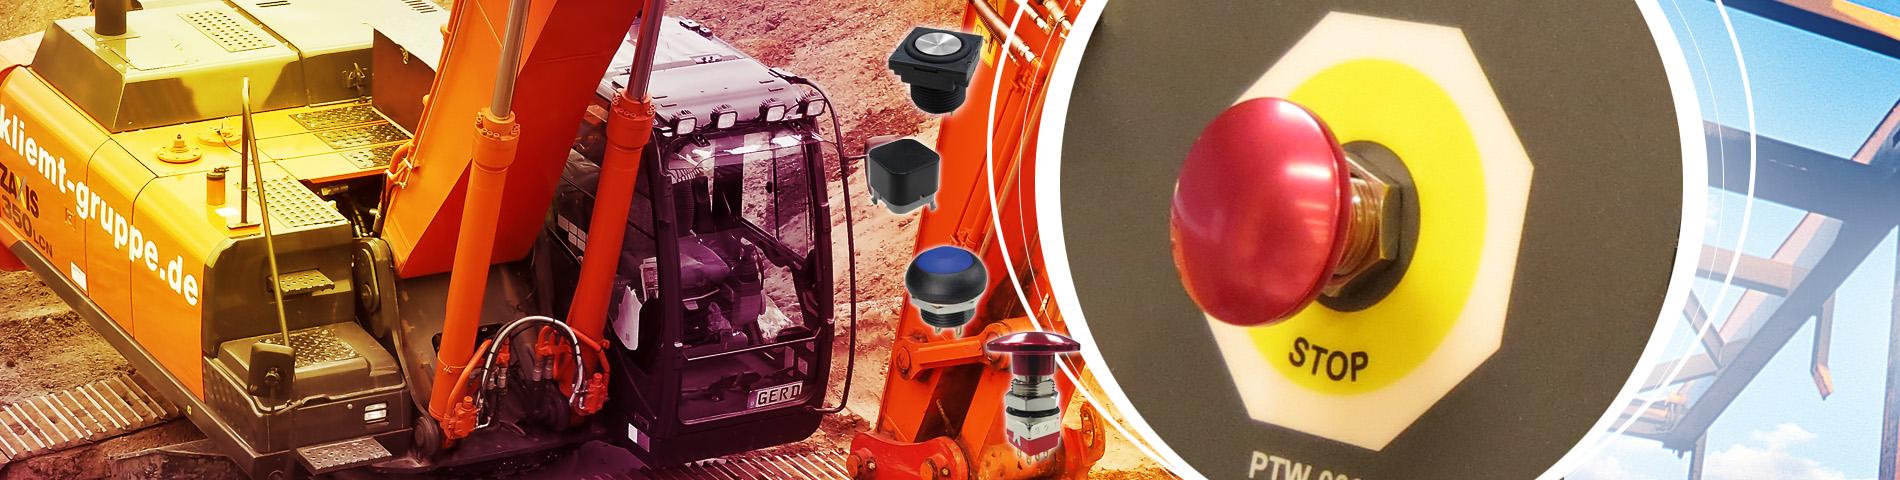 Industriel industri - Gælder for store maskiner